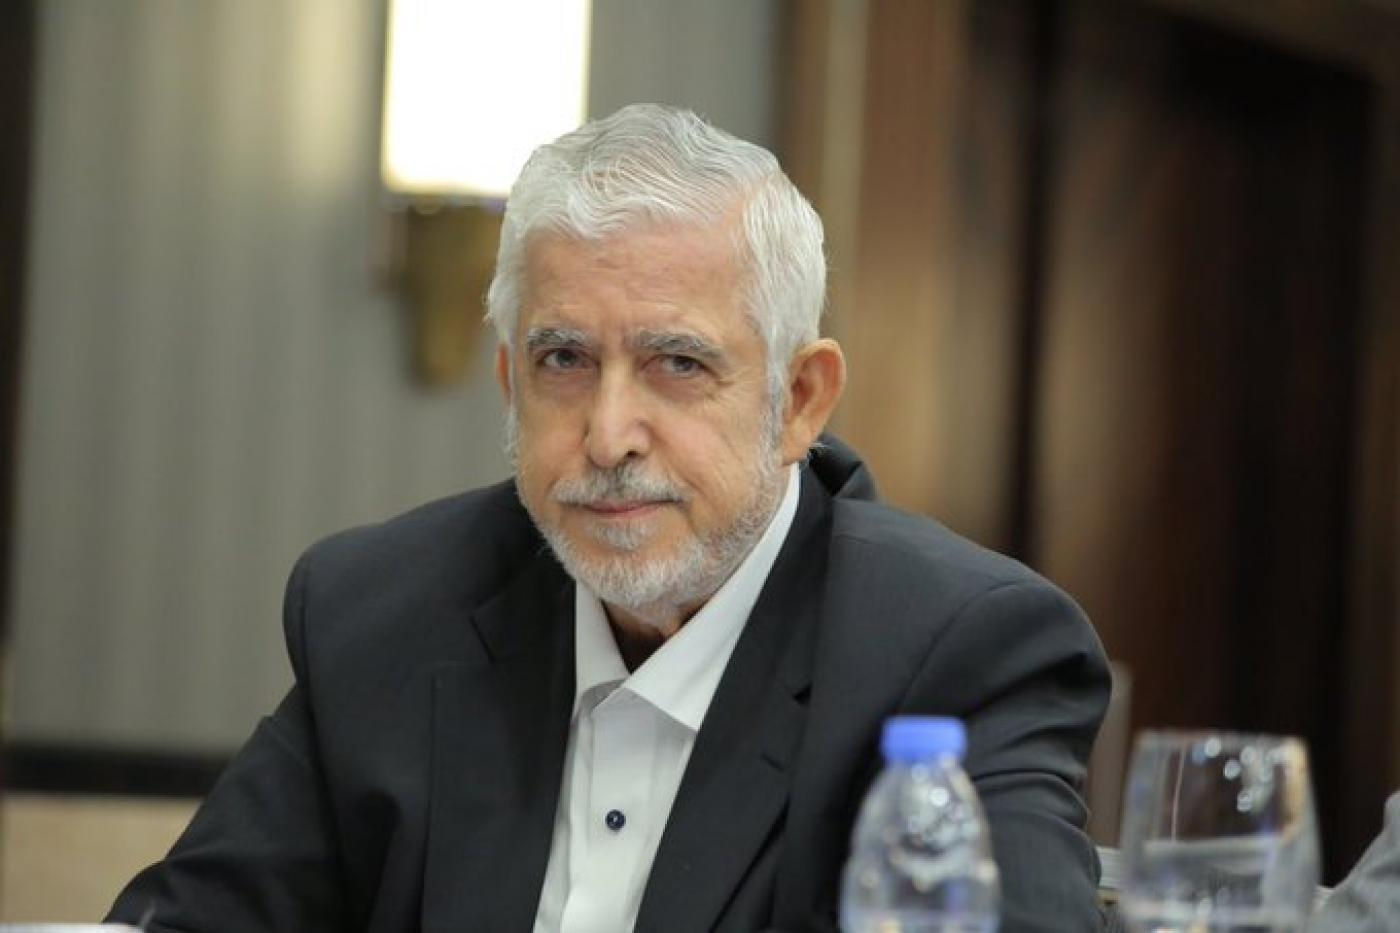 صورة محادثات بين حماس والرياض للإفراج عن المعتقلين الفلسطينيين في السعودية